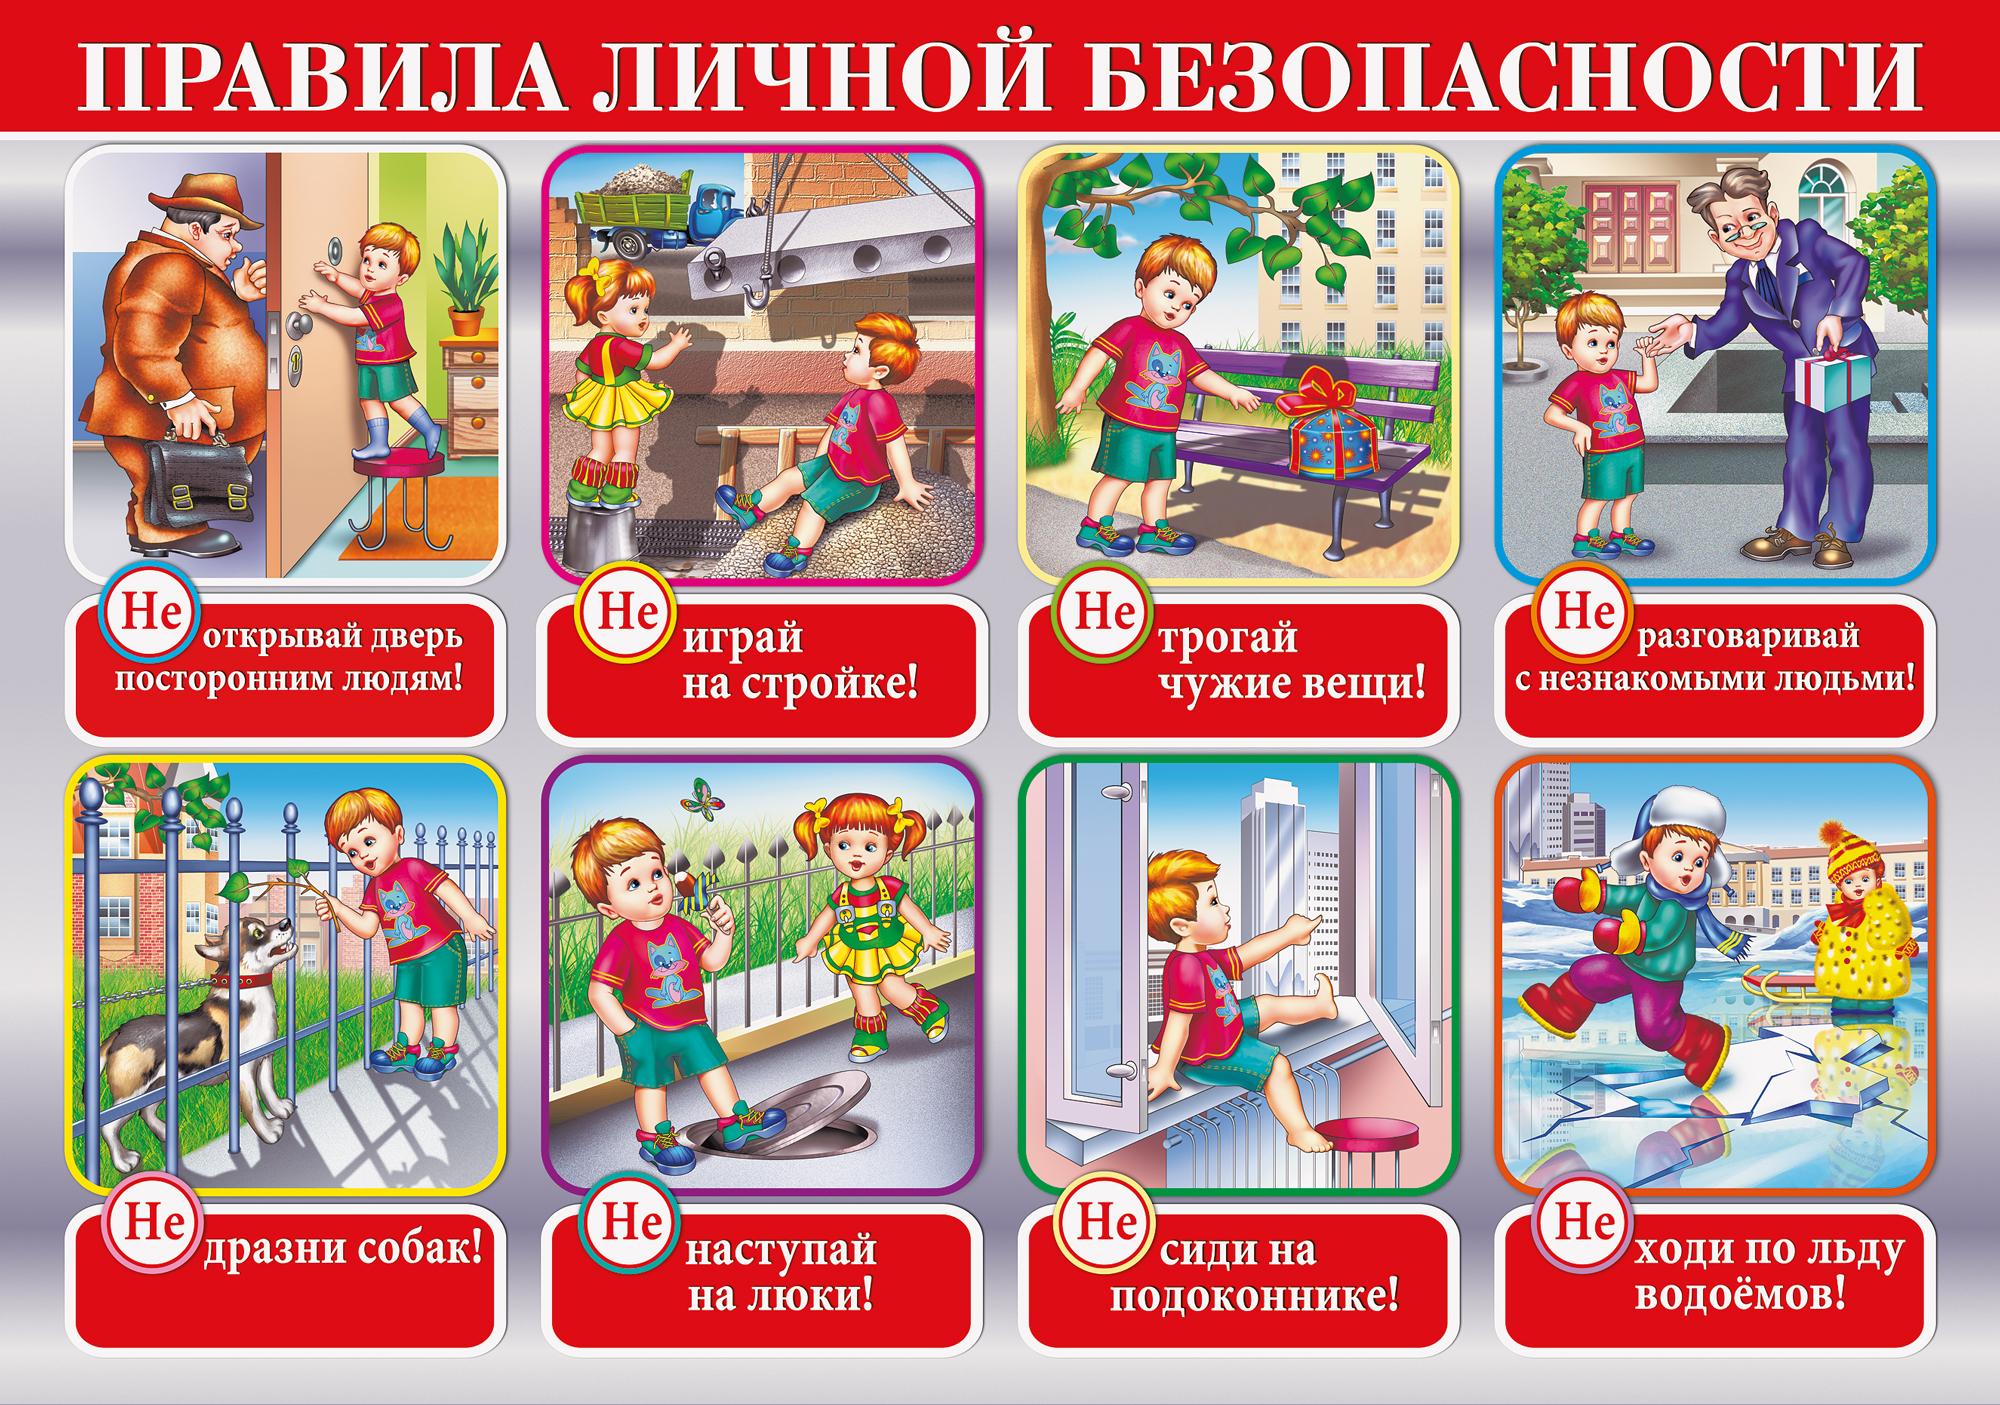 Сохранение здоровья на дороге плакат 17 фотография